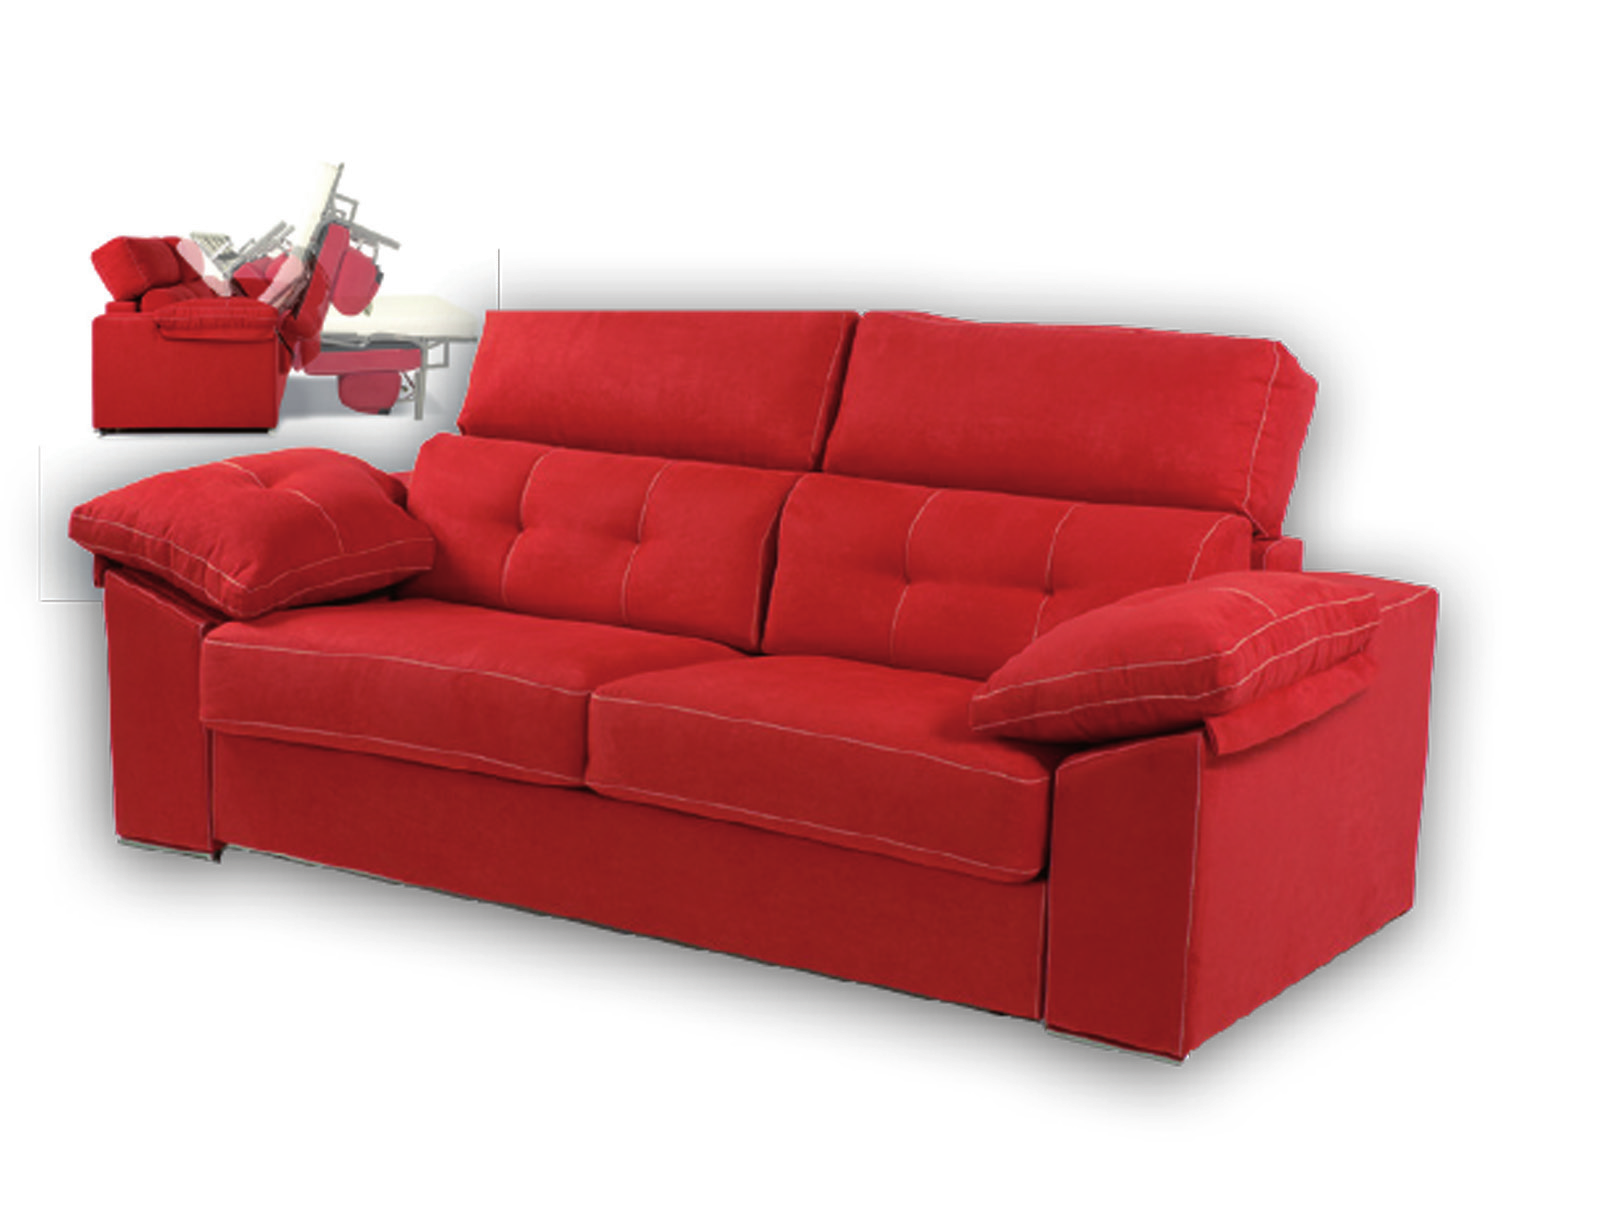 Sofa cama italiano muebles adama tienda de muebles en madrid for Sofa cama italiano 2 plazas